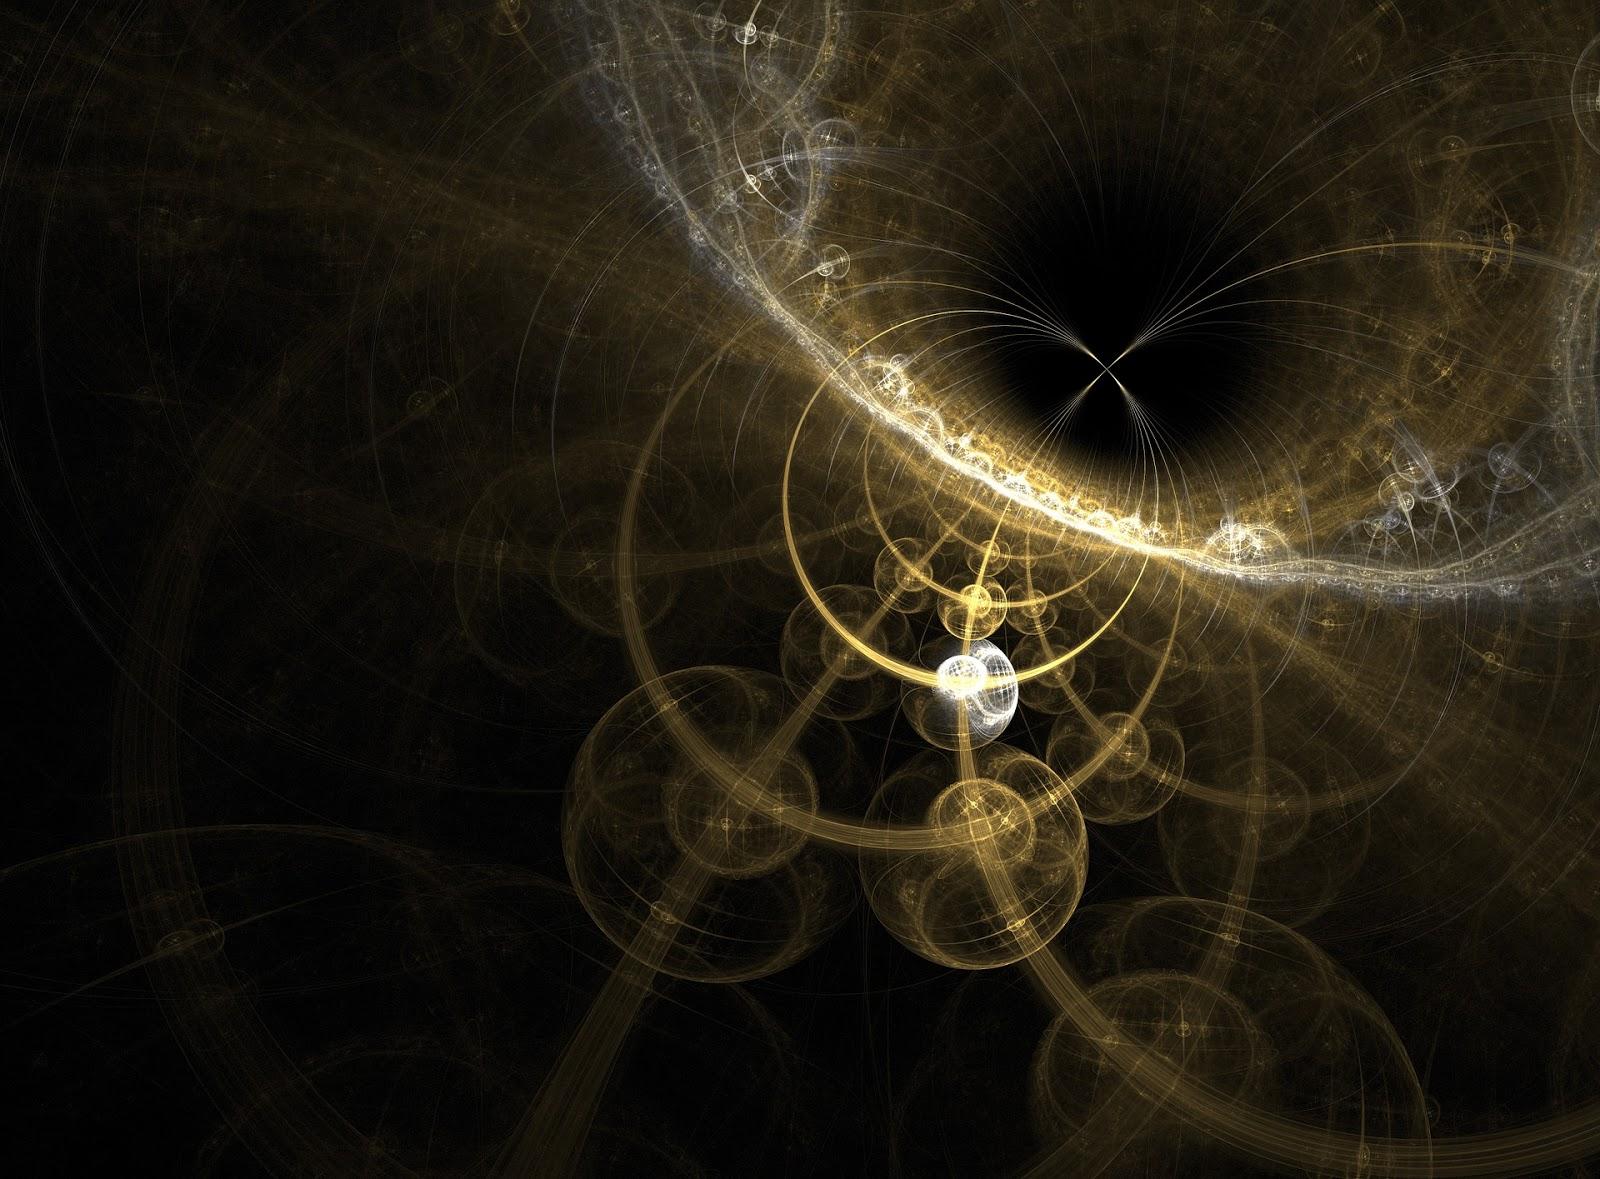 uzdrawianie kwantowe